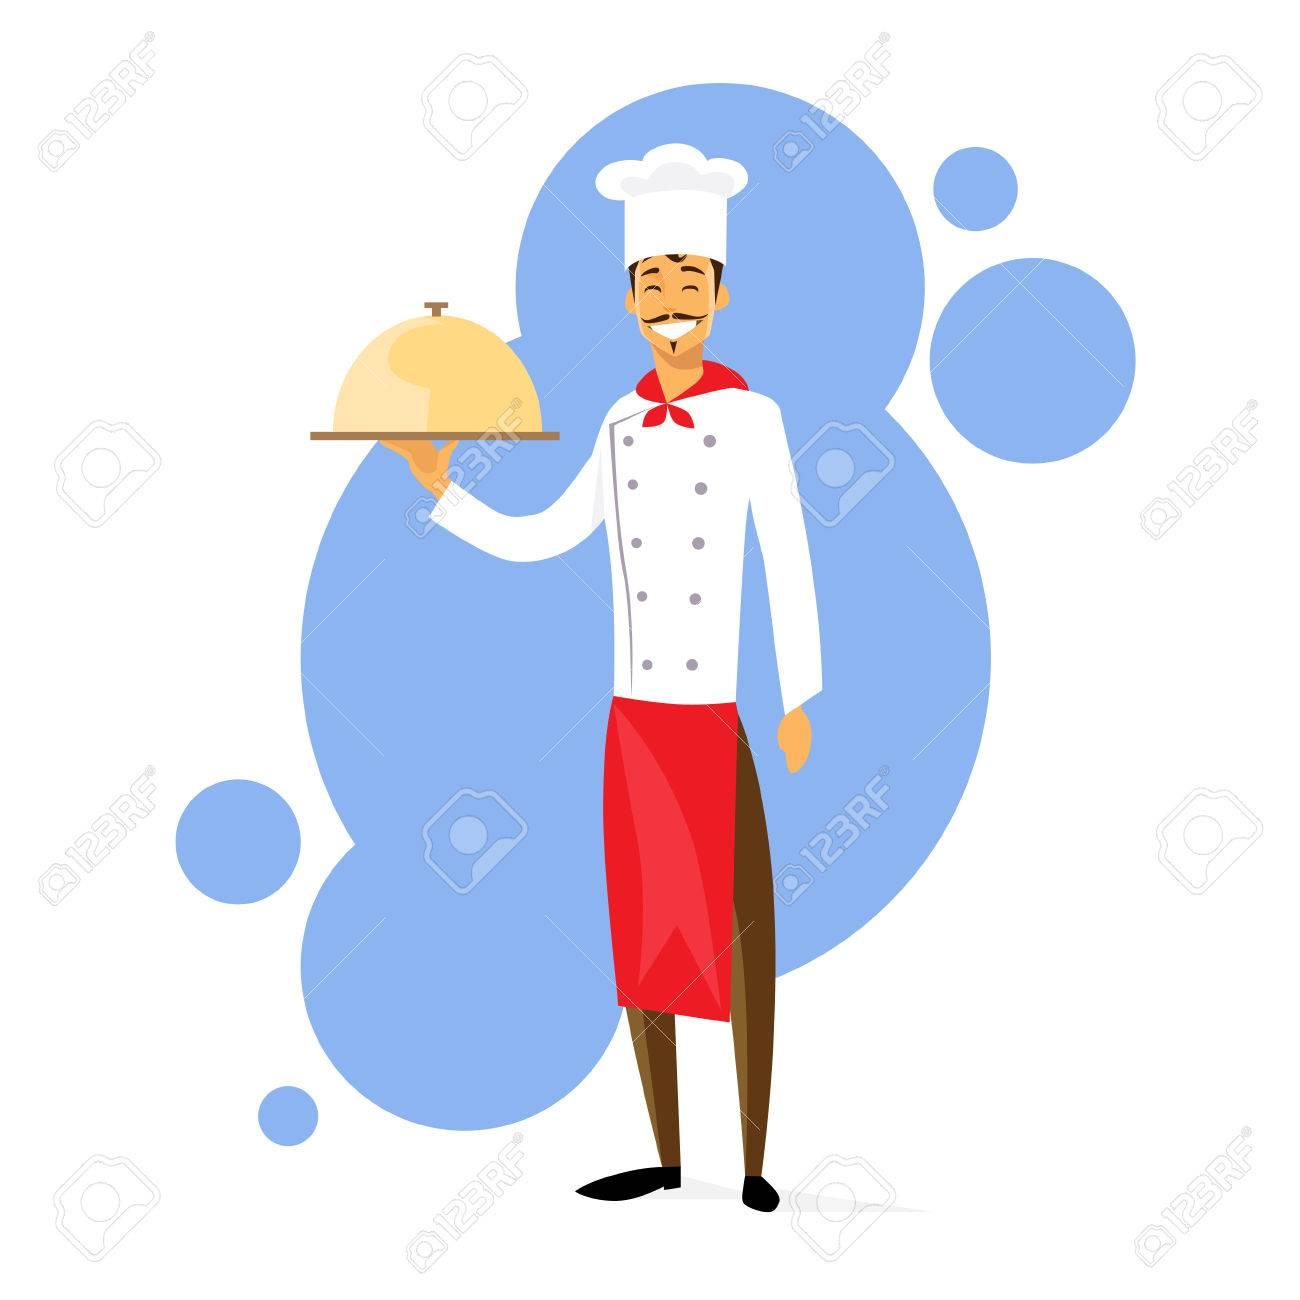 Historieta Del Cocinero Del Cocinero Con Dish Encuadre De Cuerpo ...